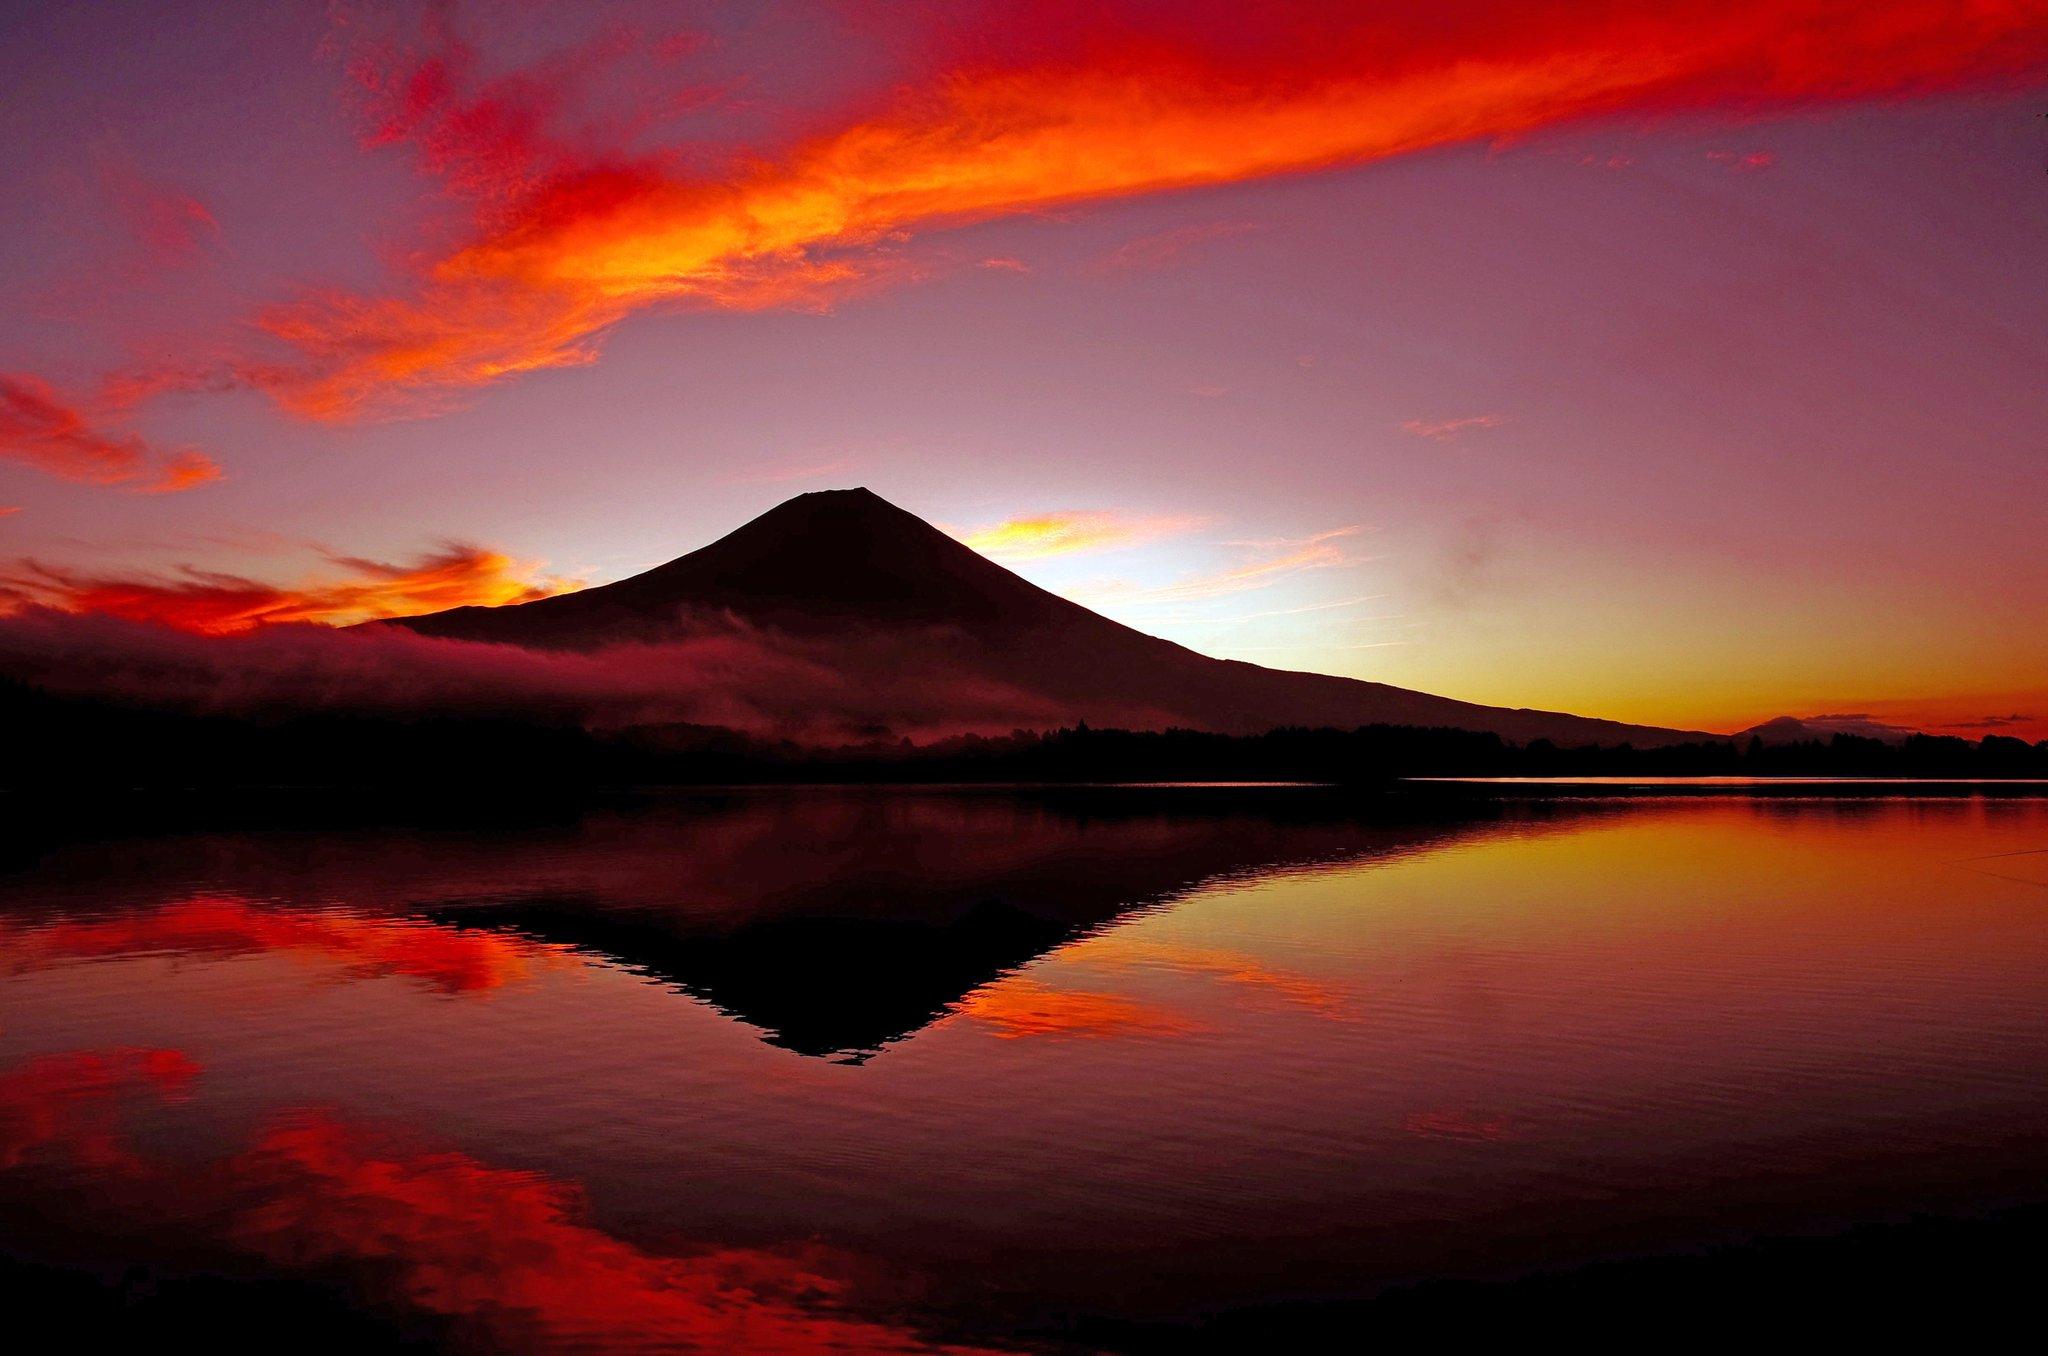 無料 富士山写真ダウンロード 壁紙 フリー 素材 富士山写真ブログ